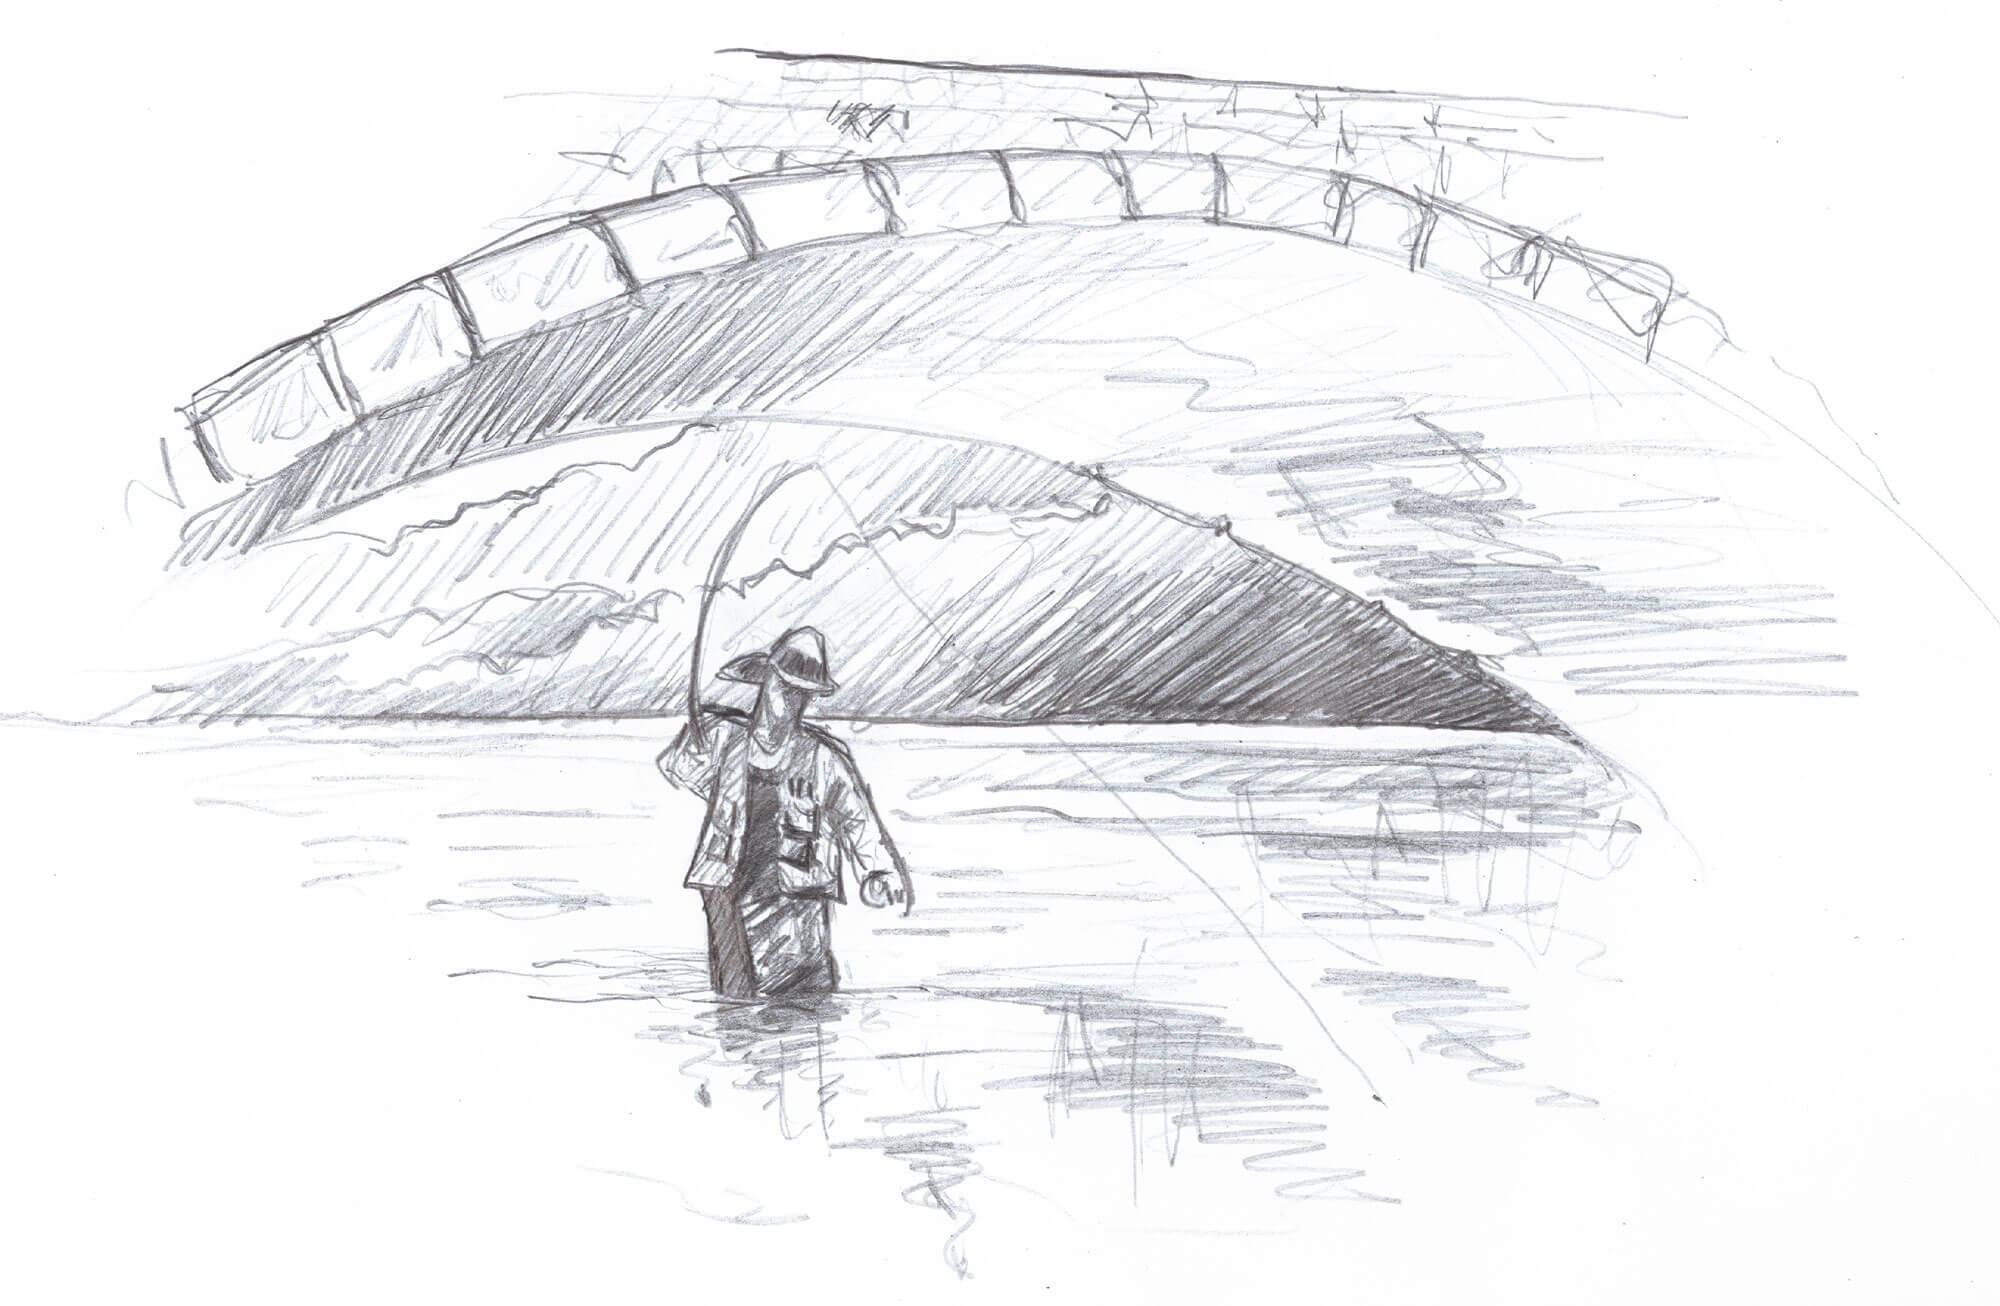 Des ponts de pierre pour passer la rivière - La Salamandre